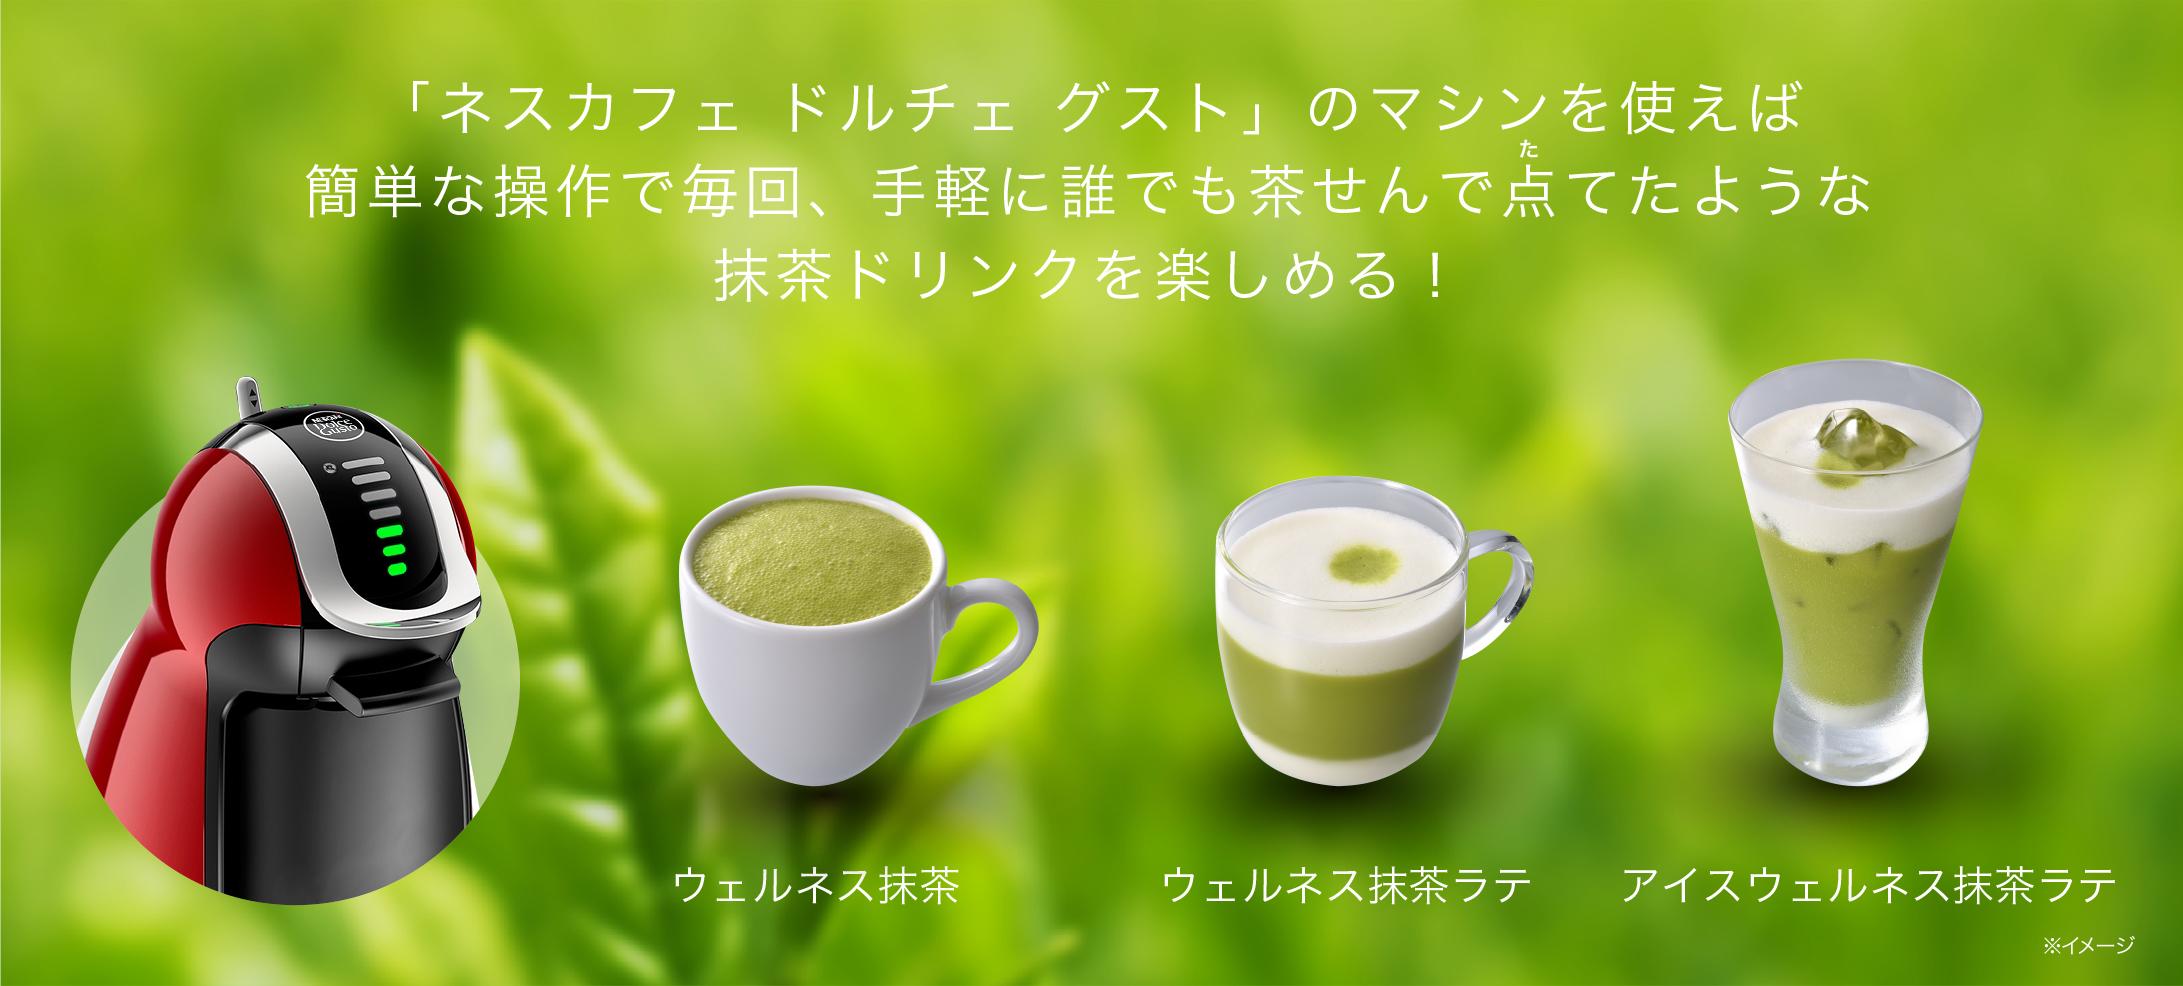 ウェルネス抹茶で栄養補給